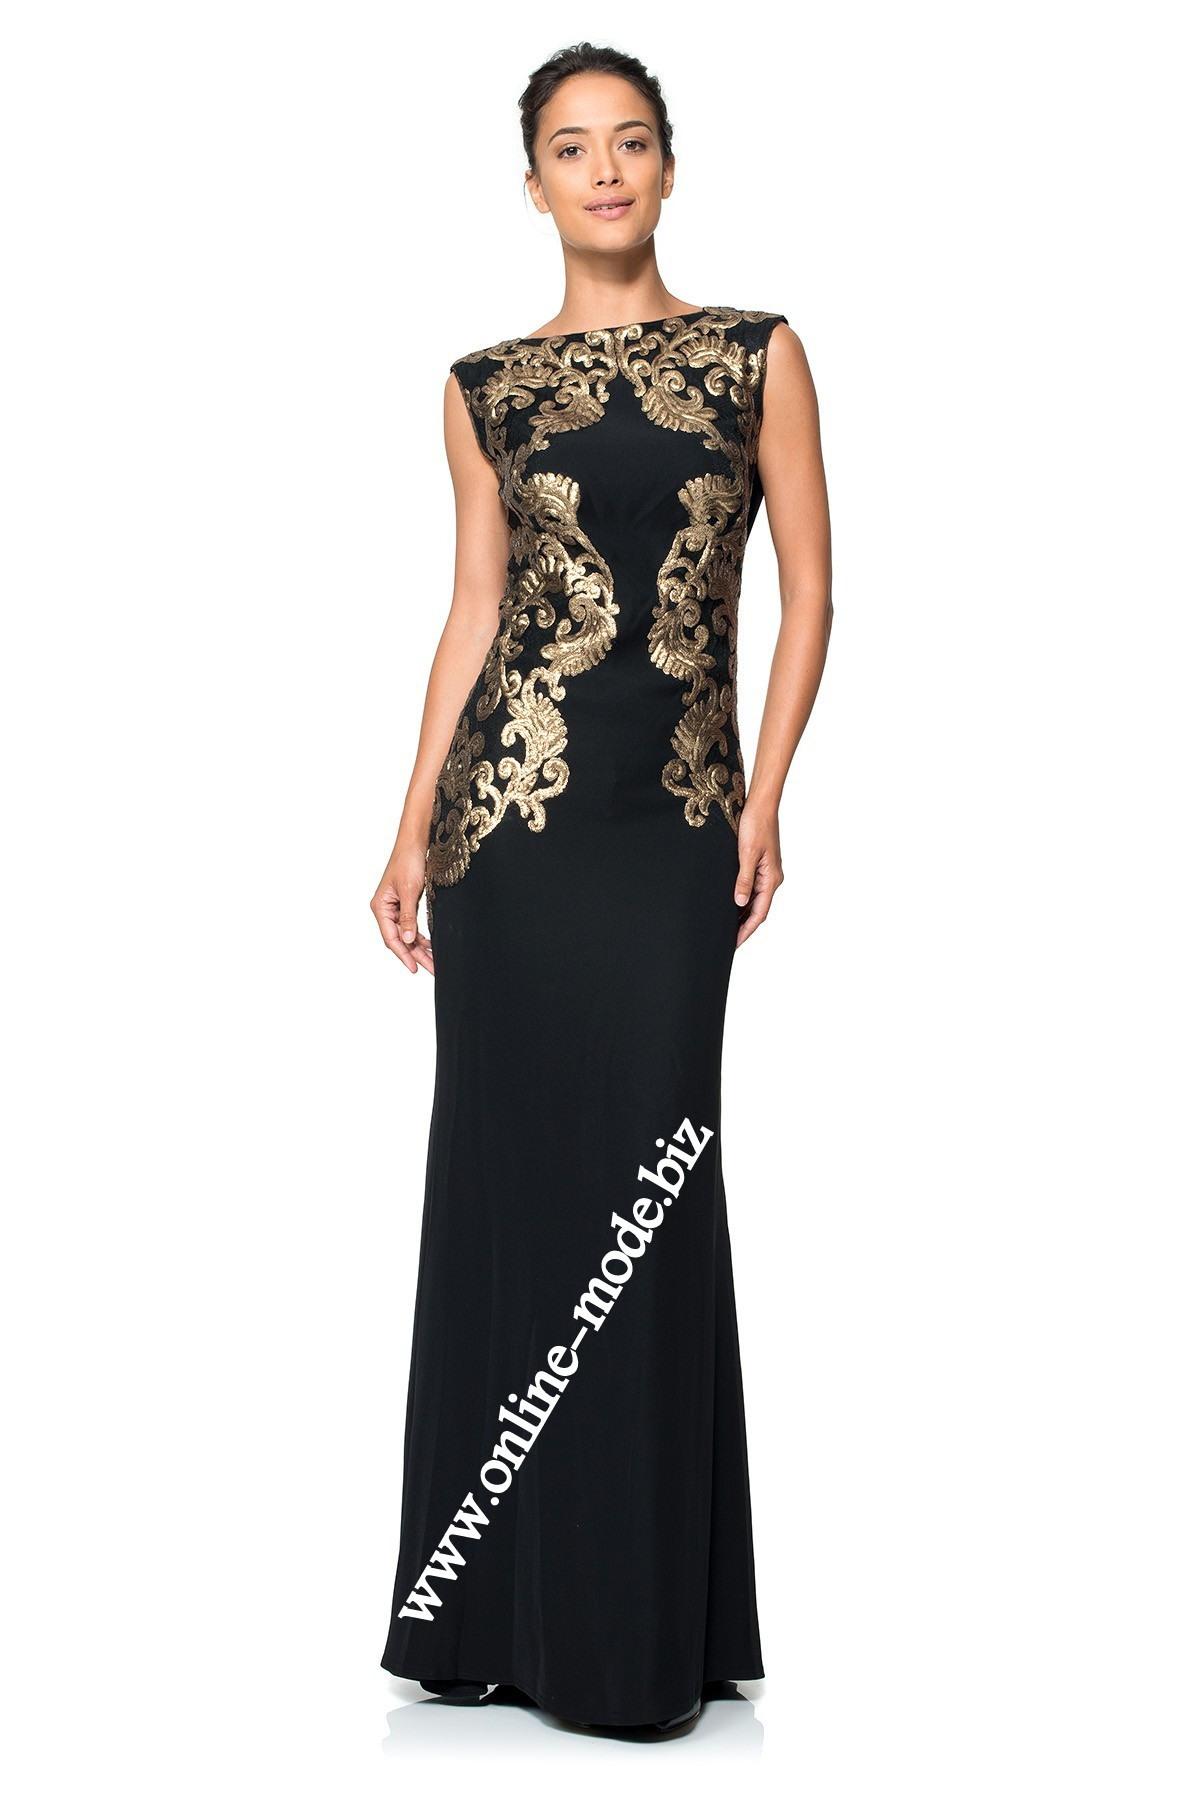 10 Kreativ Schwarzes Abend Kleid Bester PreisFormal Einfach Schwarzes Abend Kleid Ärmel